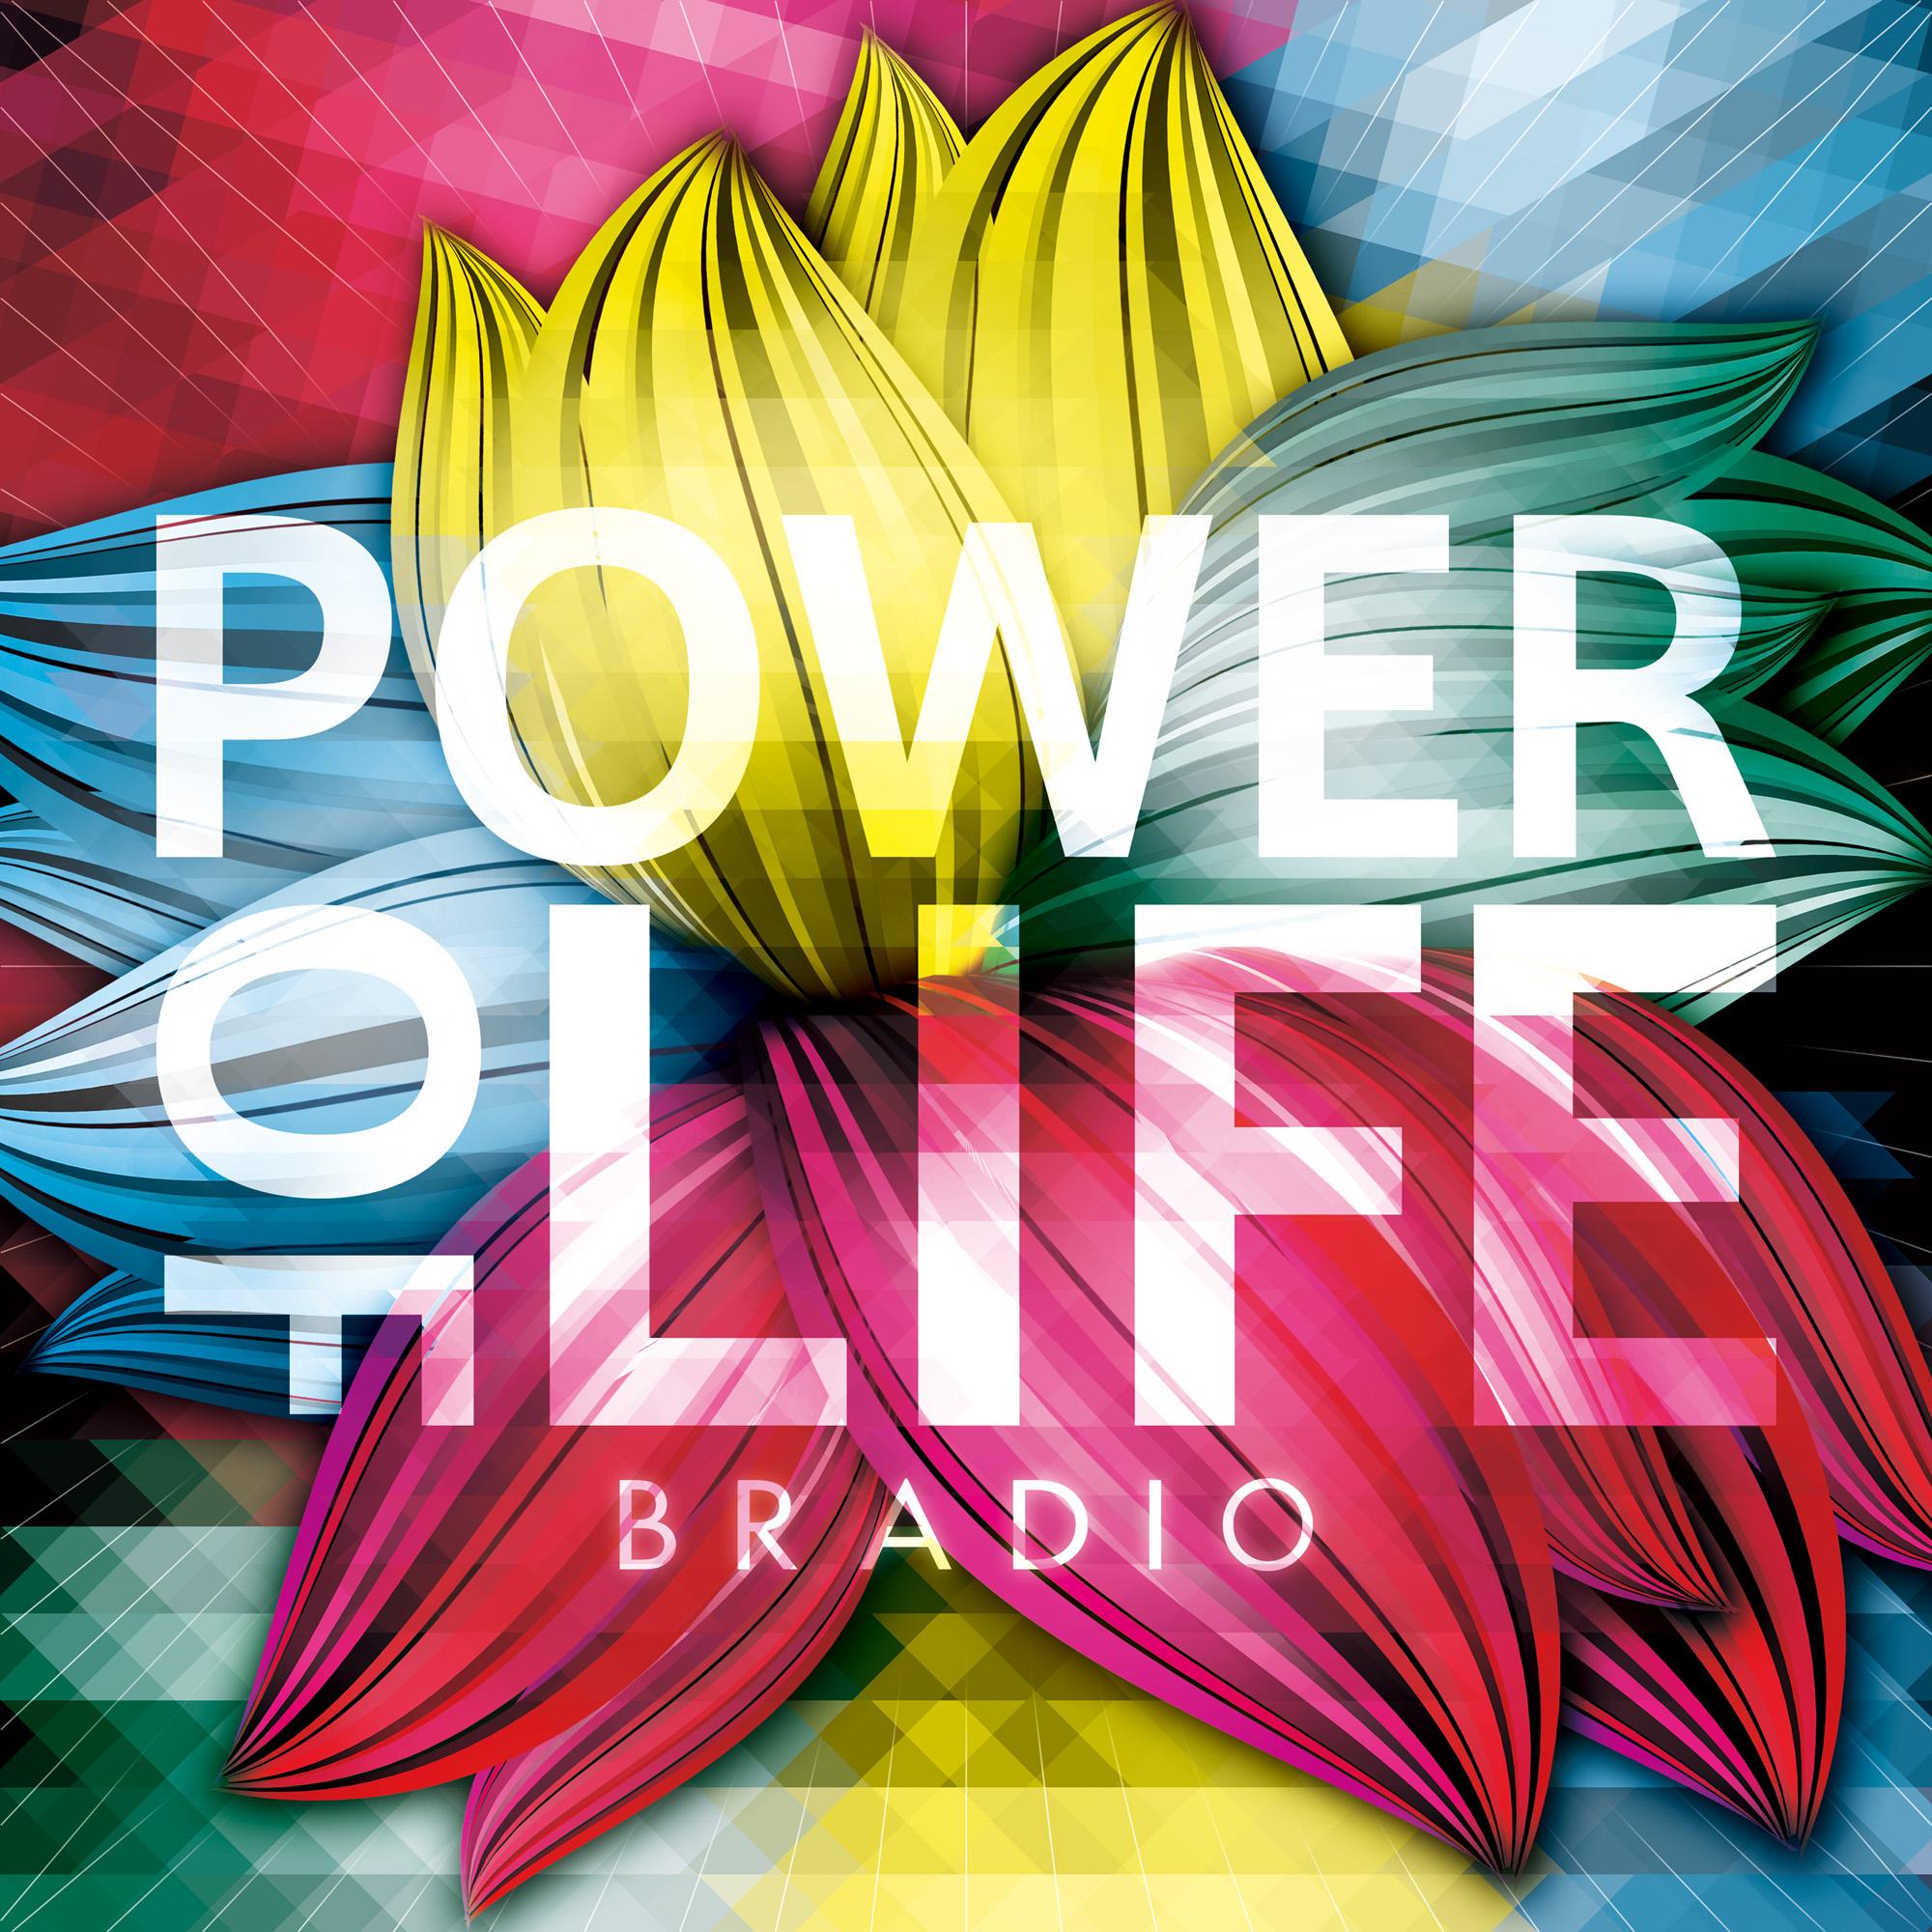 1st full album POWER OF LIFE(初回盤)